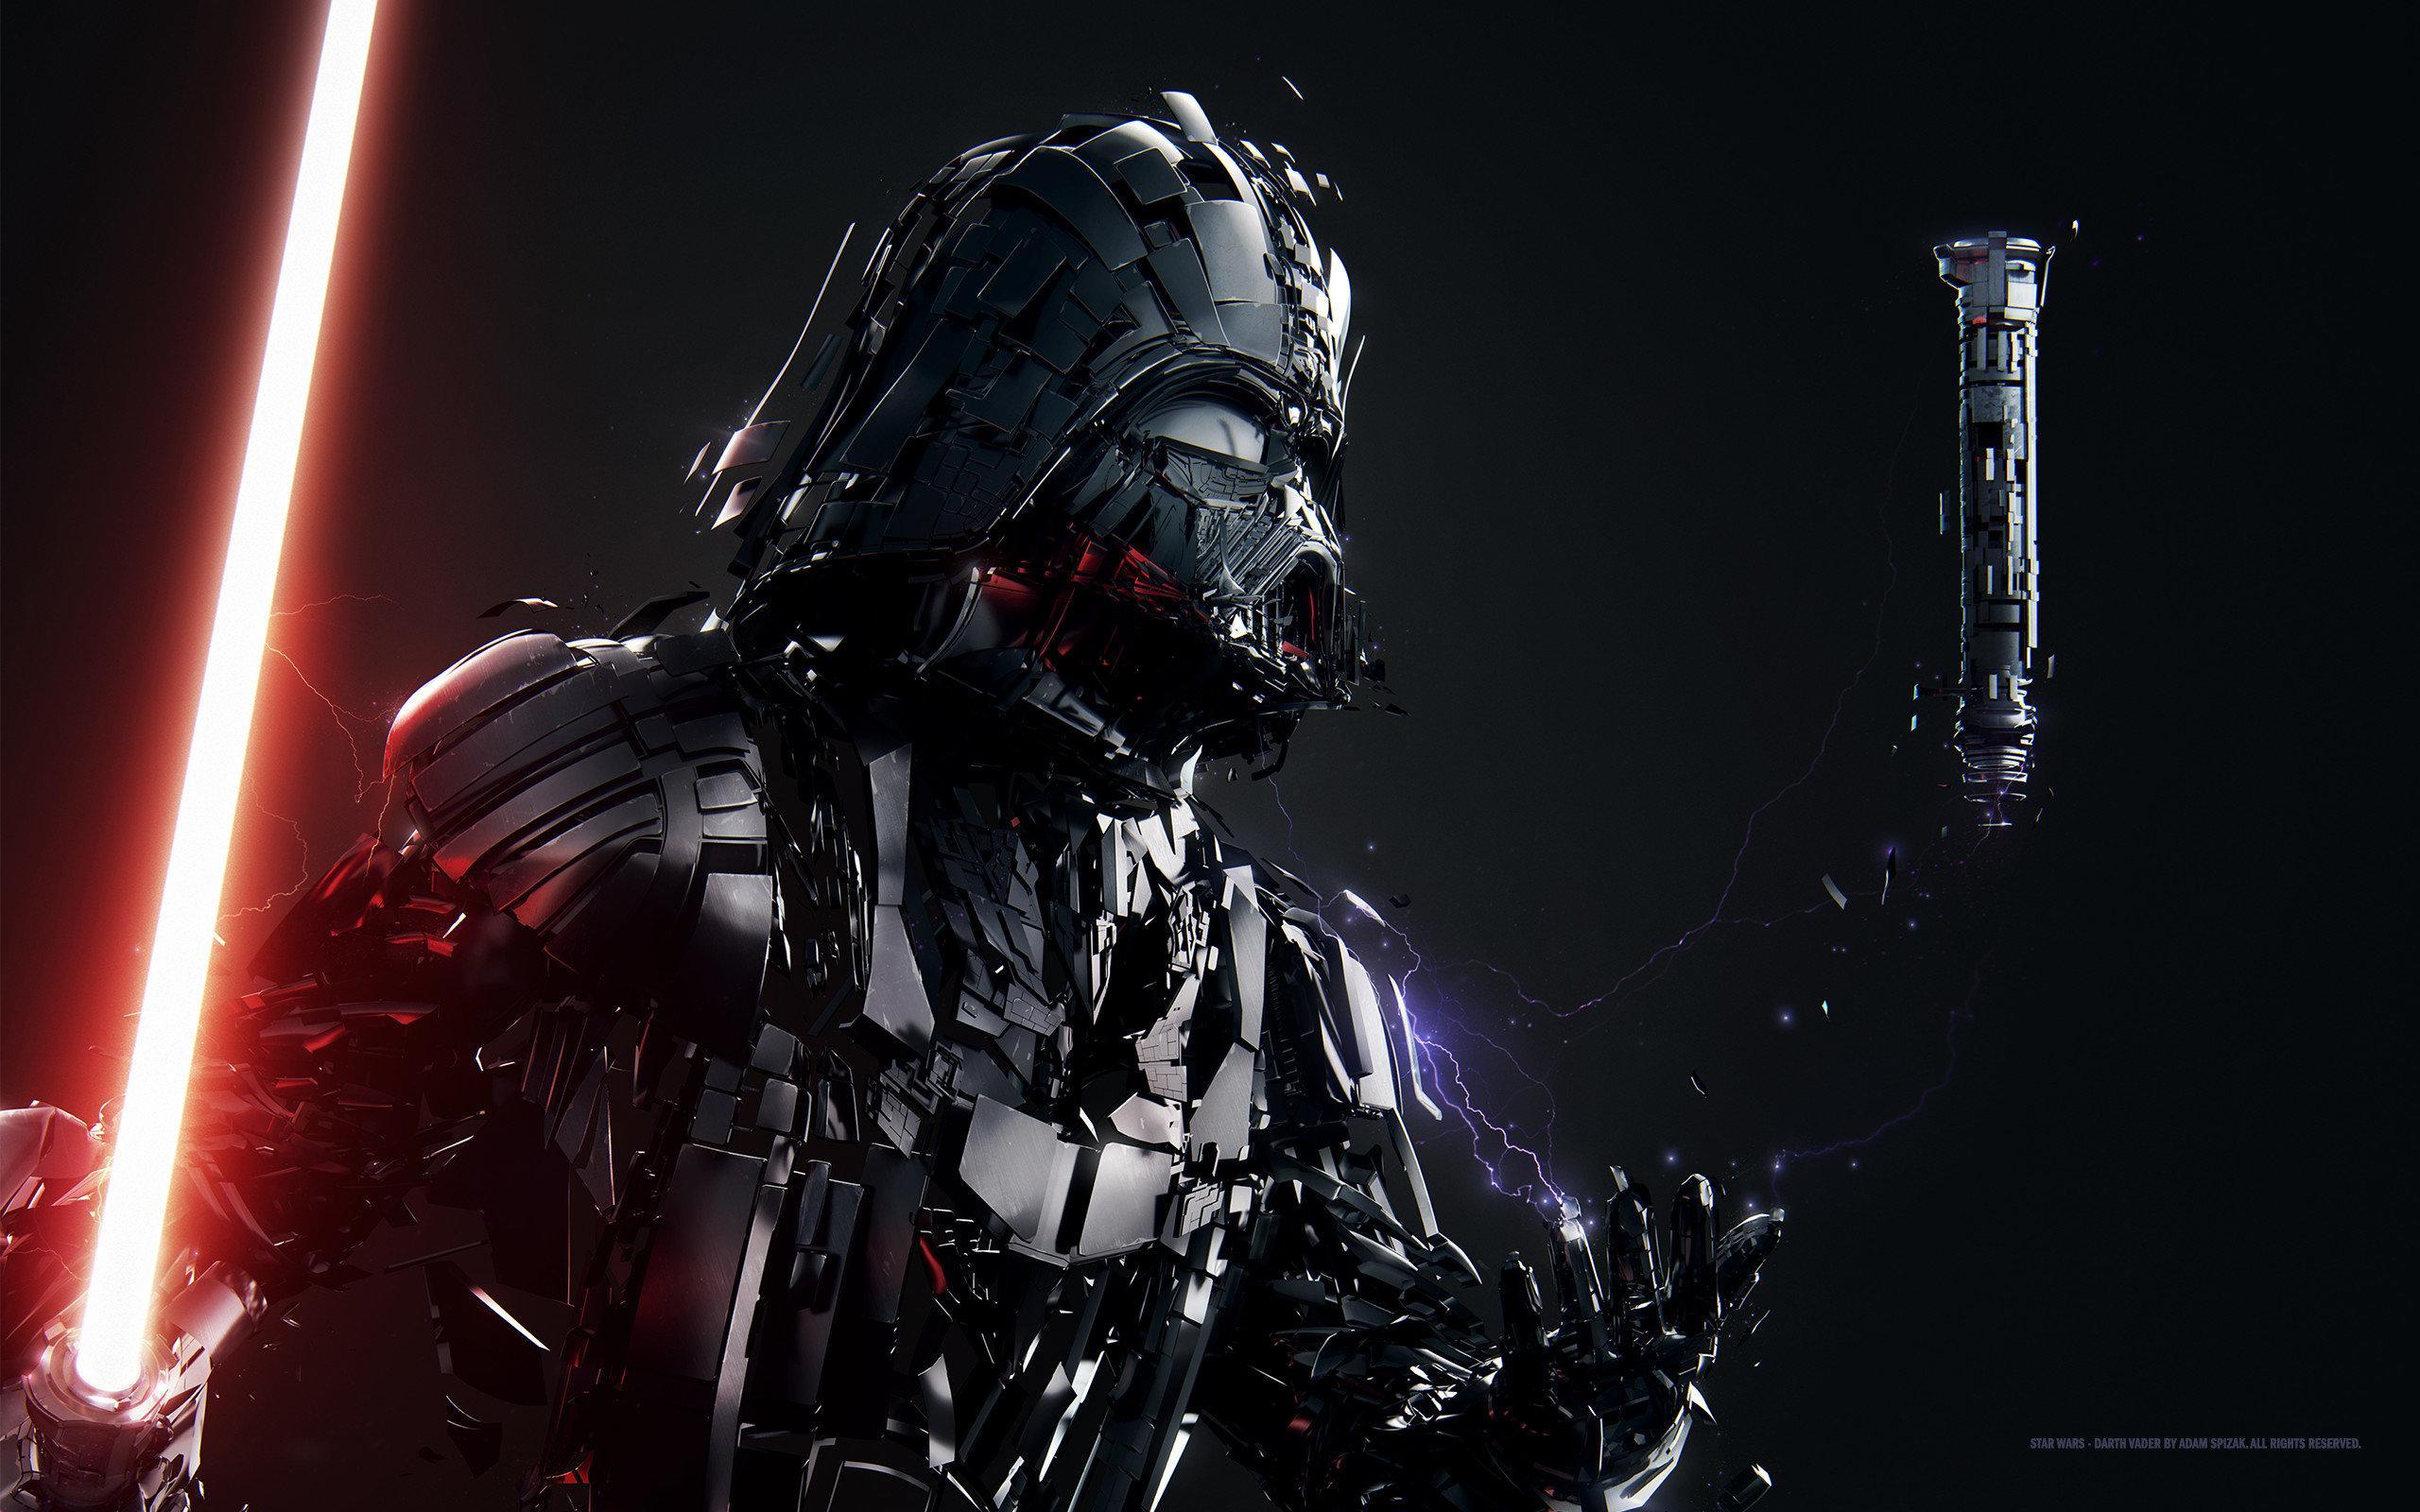 Star Wars Desktop Backgrounds Posted By Christopher Walker